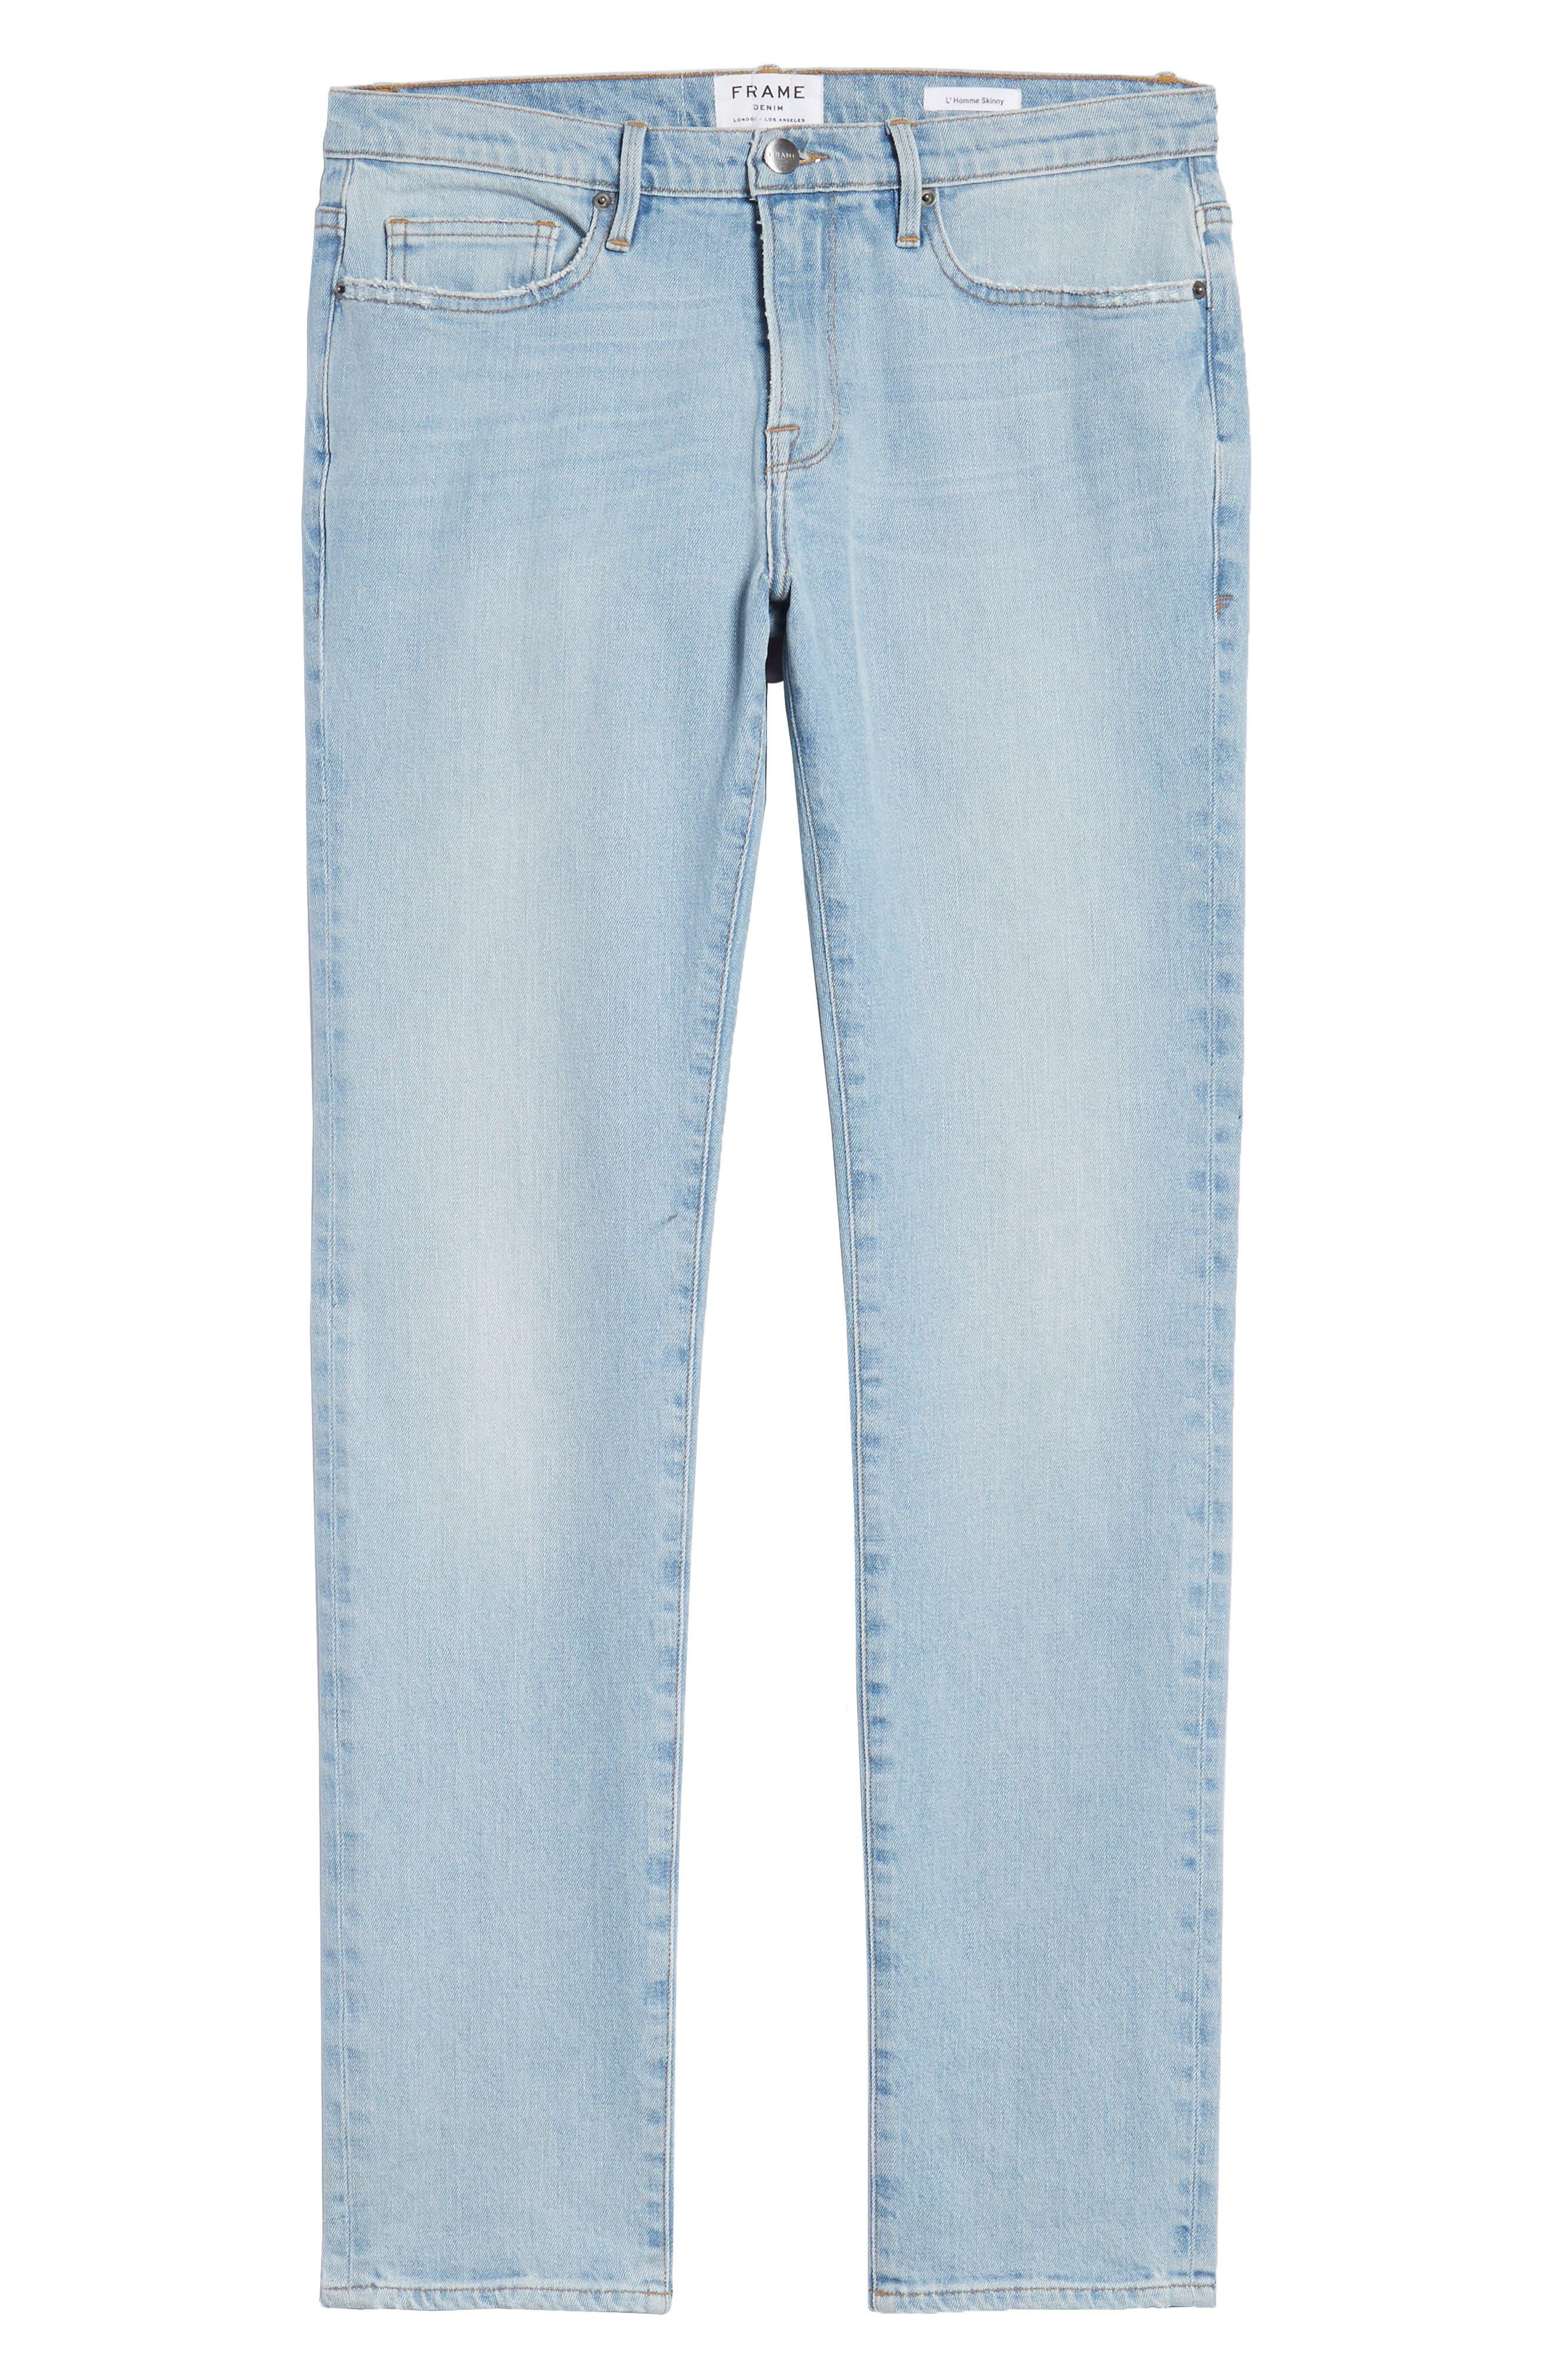 L'Homme Skinny Fit Jeans,                             Alternate thumbnail 6, color,                             Arnett